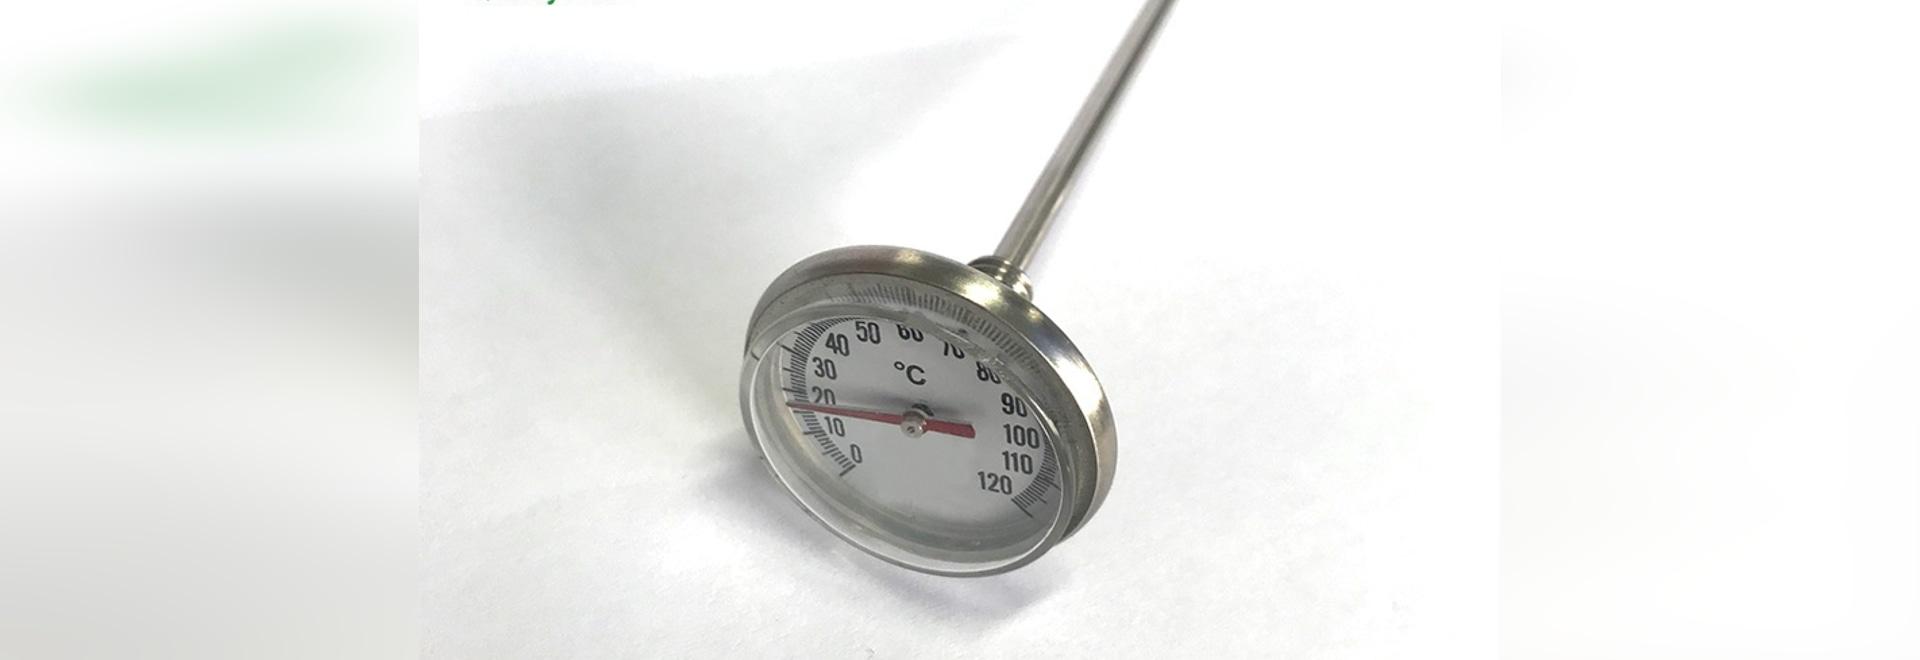 Mantenimiento y precaución del termómetro bimetálico